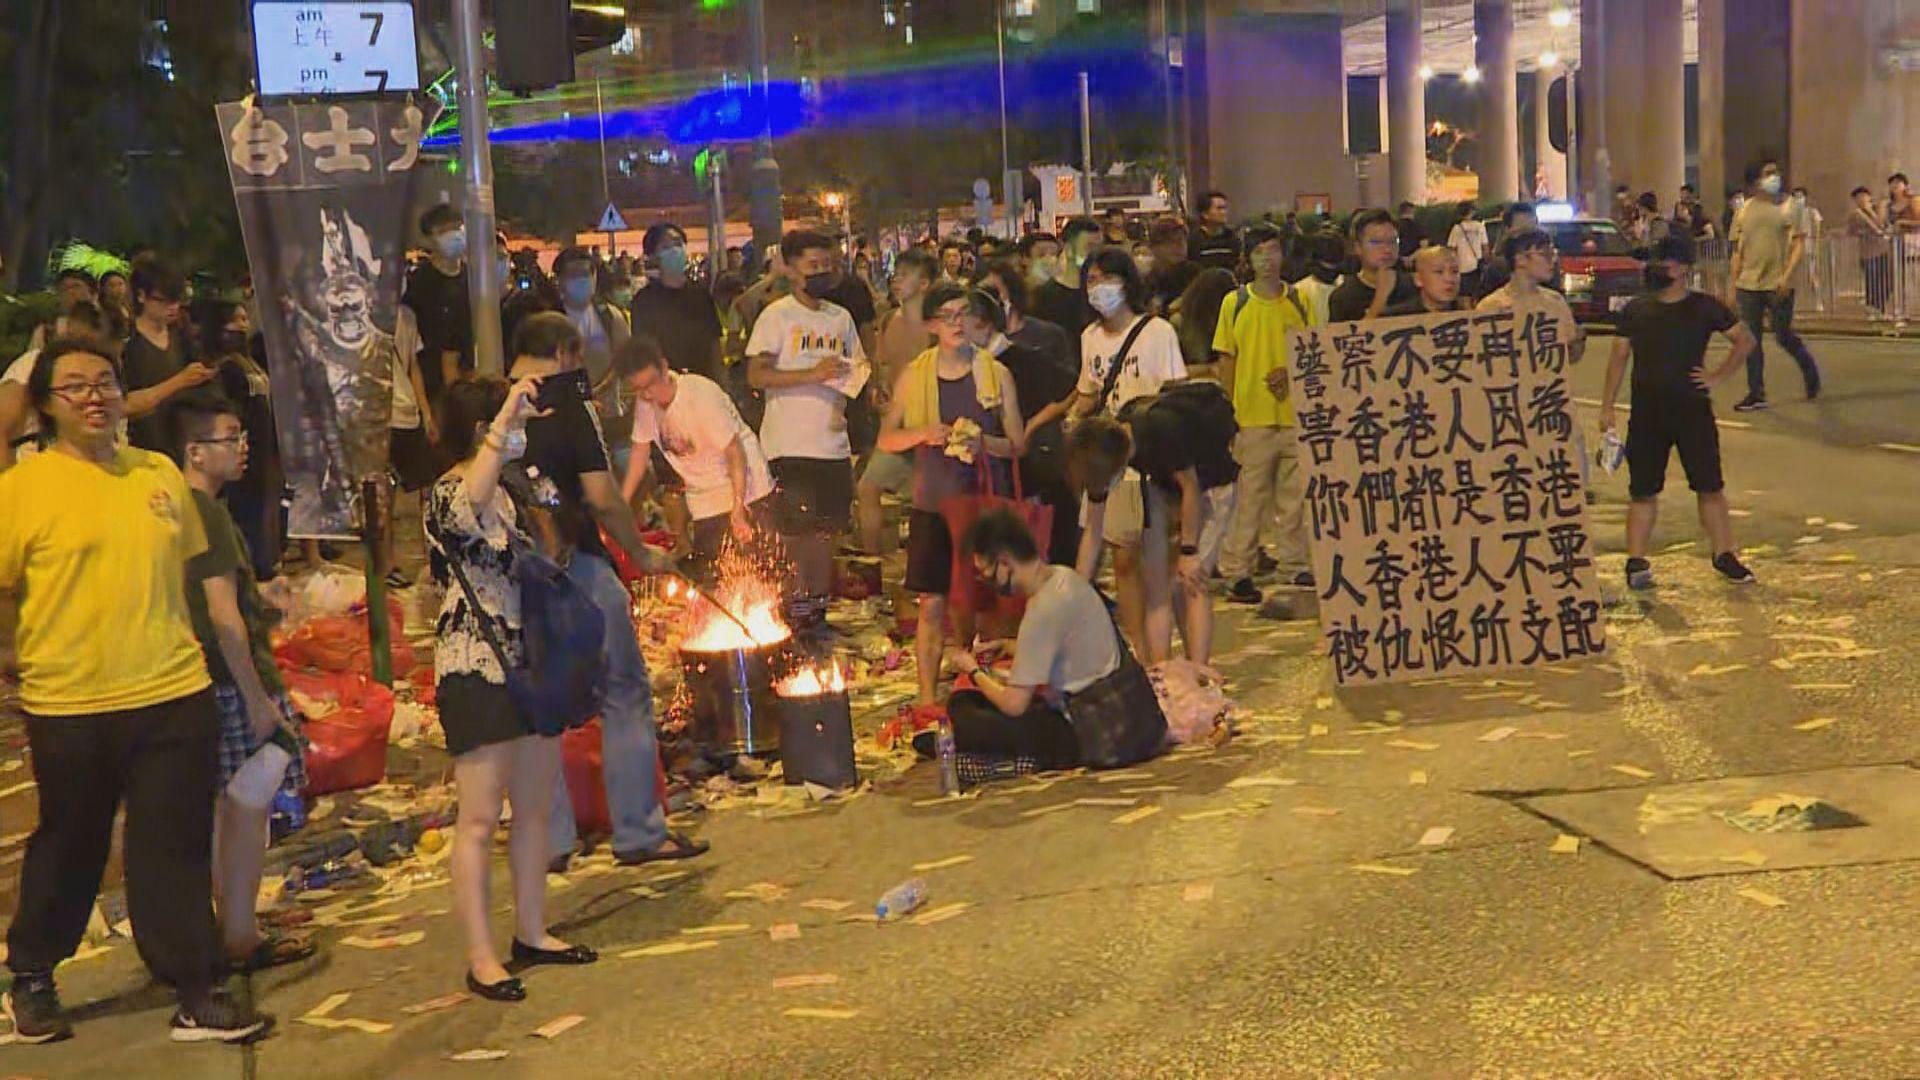 網民在黃大仙辦祈福除惡晚會 警方指示威者行為挑釁